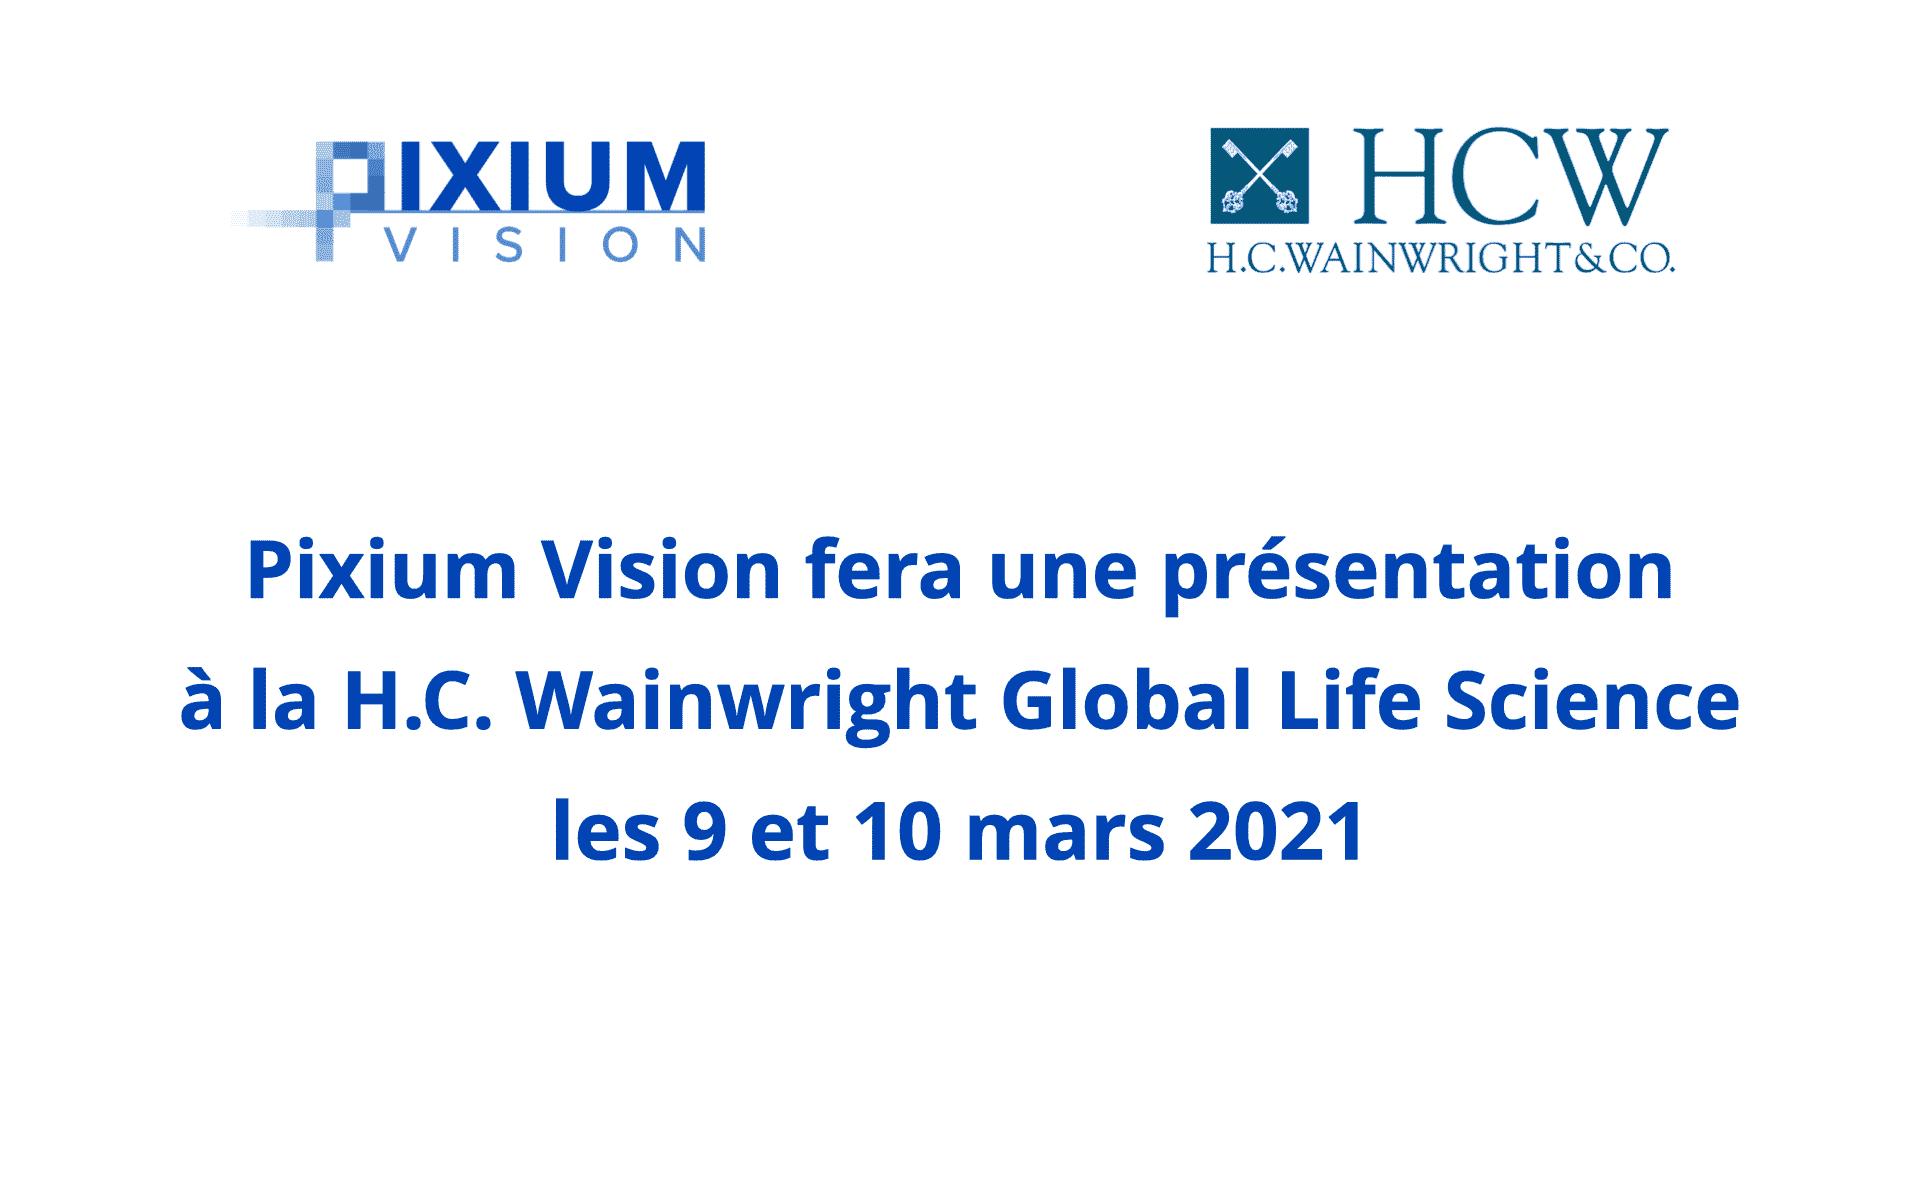 Pixium Vision fera une présentation à la conférence mondiale des sciences de la vie de H.C. Wainwright les 9 et 10 mars 2021